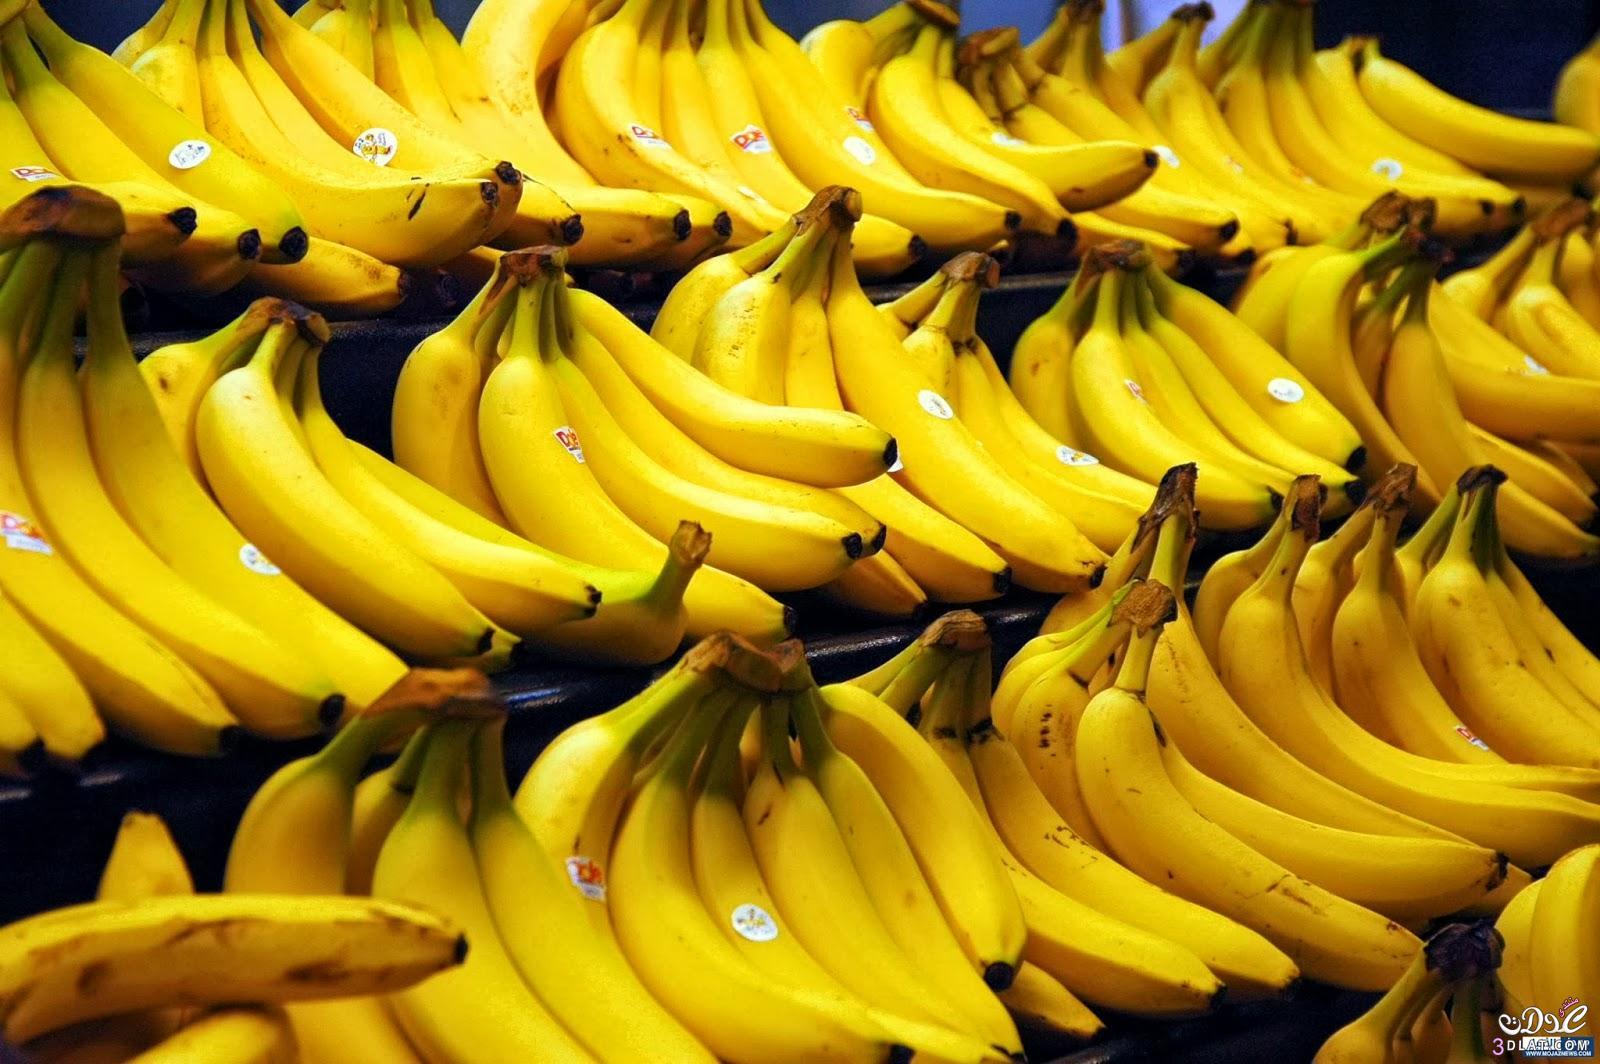 فوائد الموز الطبية لجسم الانسان